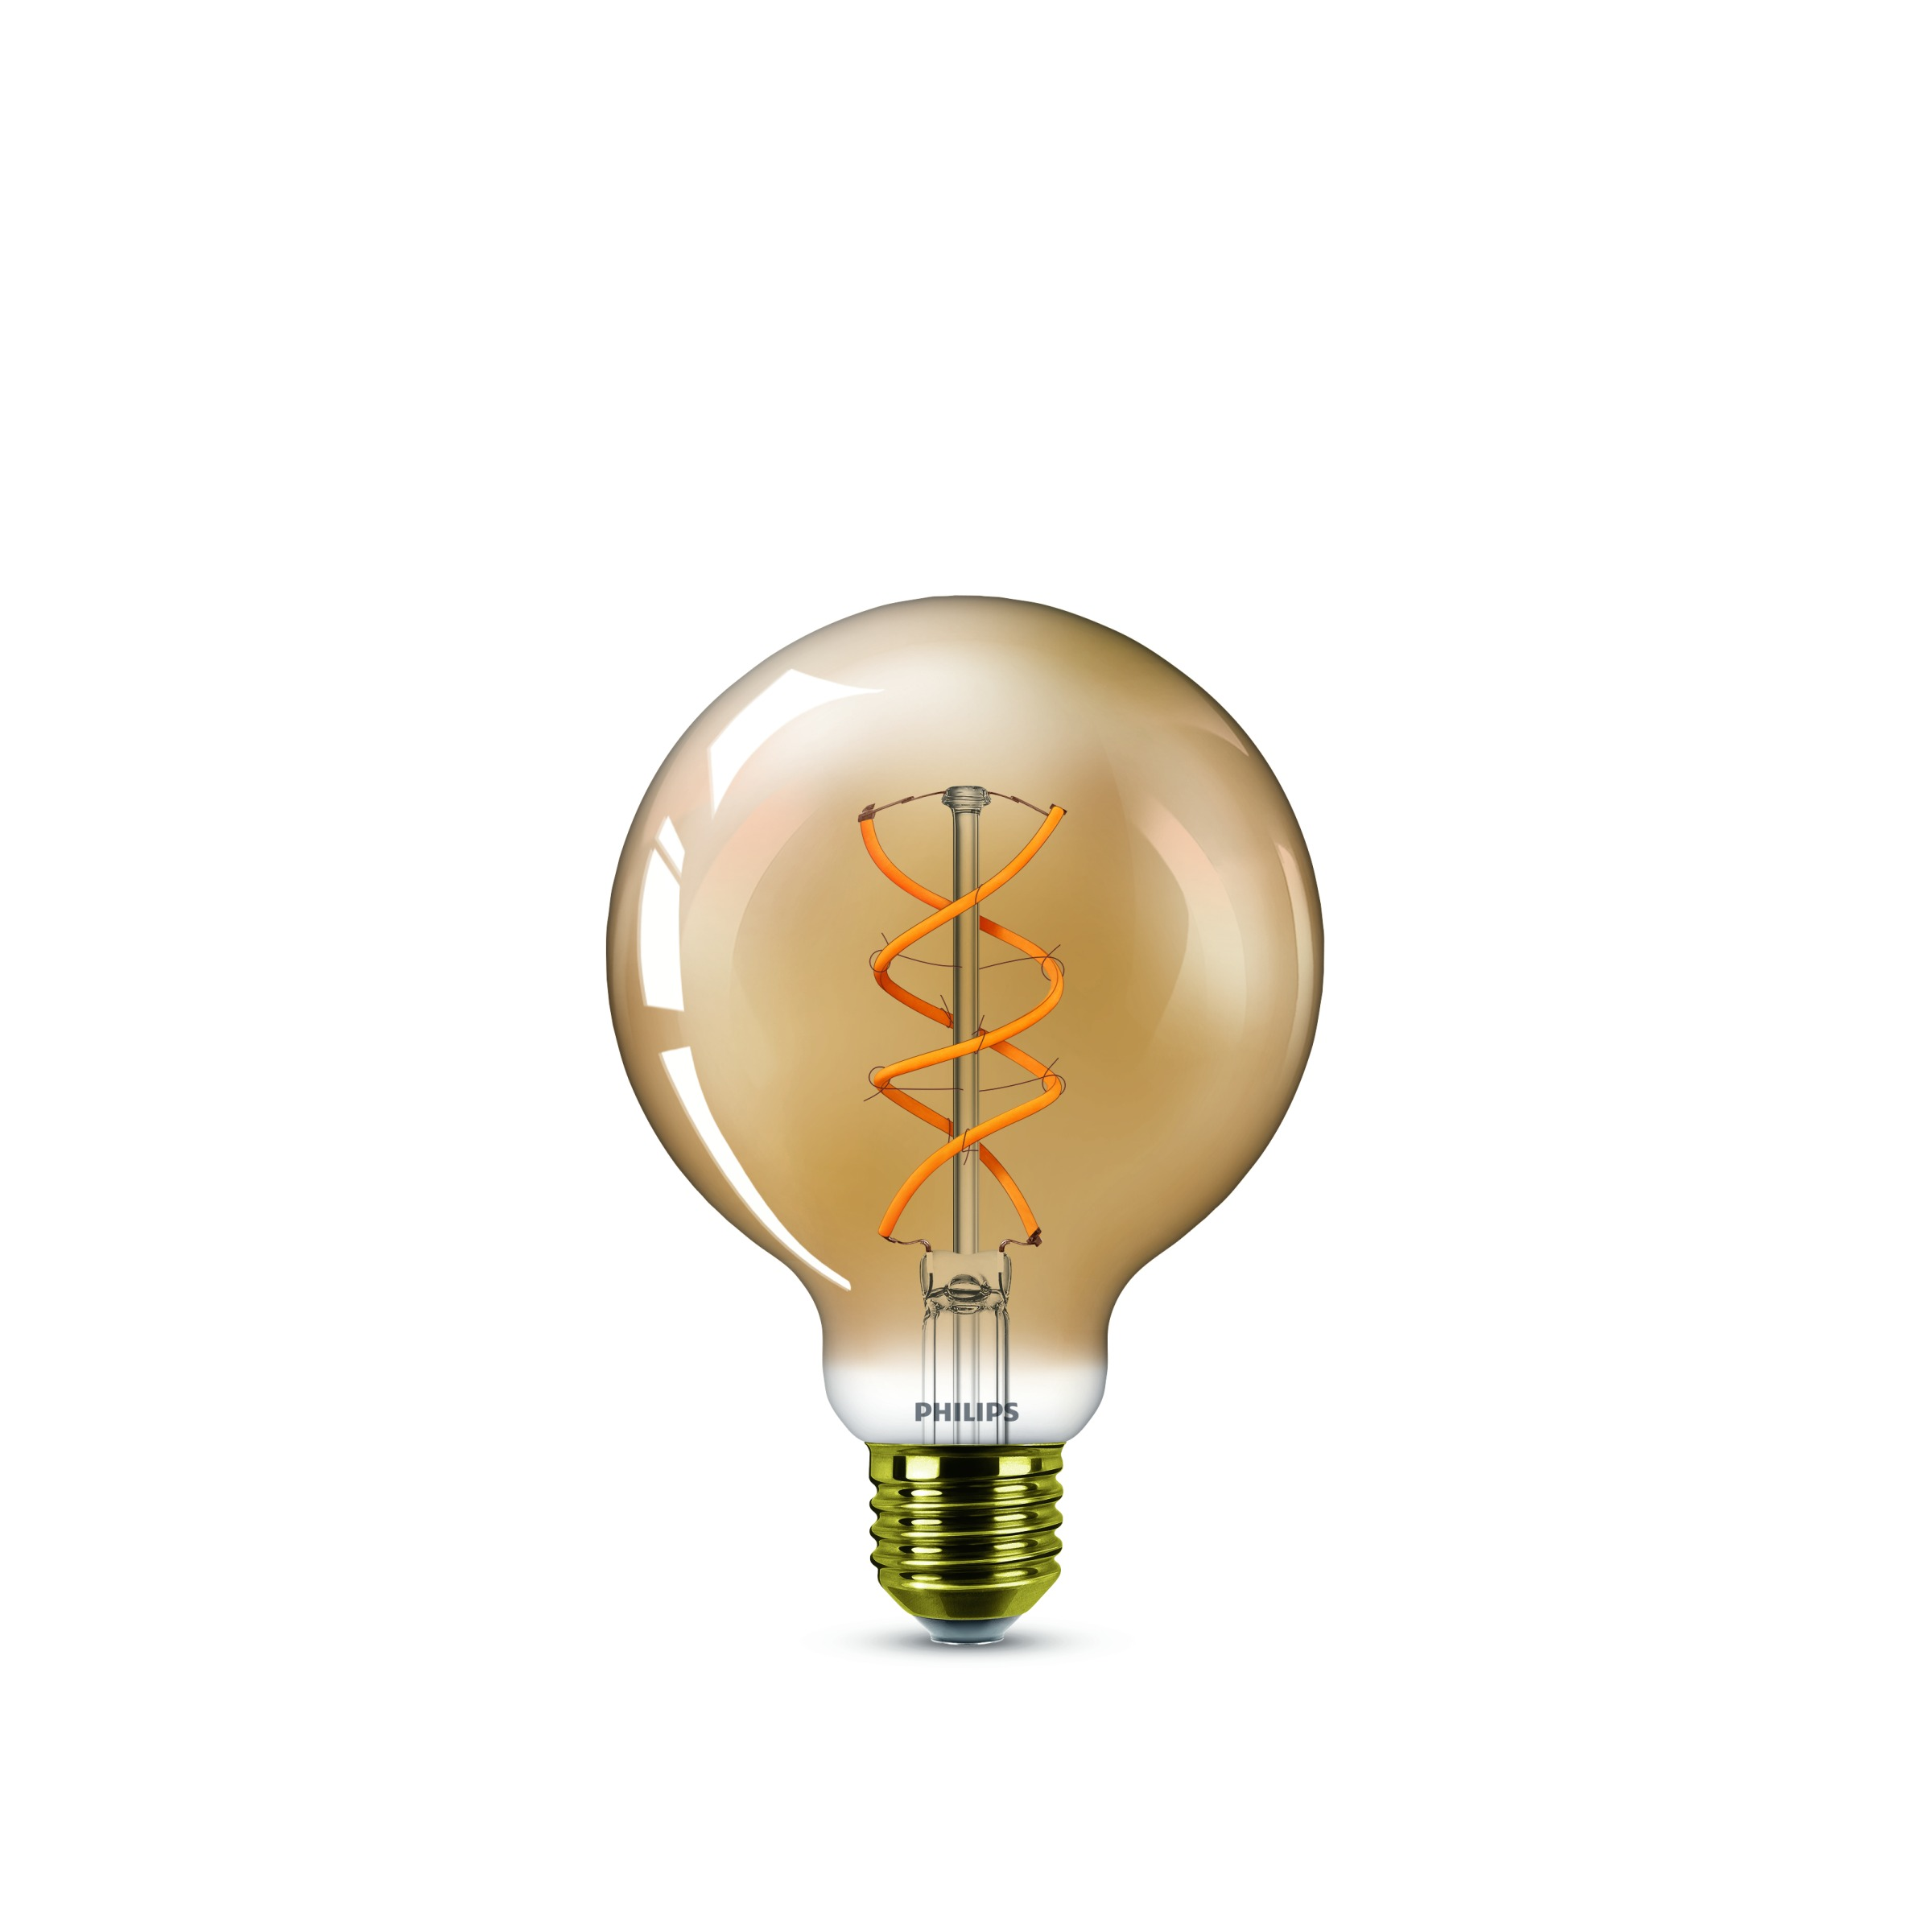 LED-lamp E27 Bol 5 W = 25 W Goud Energielabel: A Philips Lighting 1 stuks